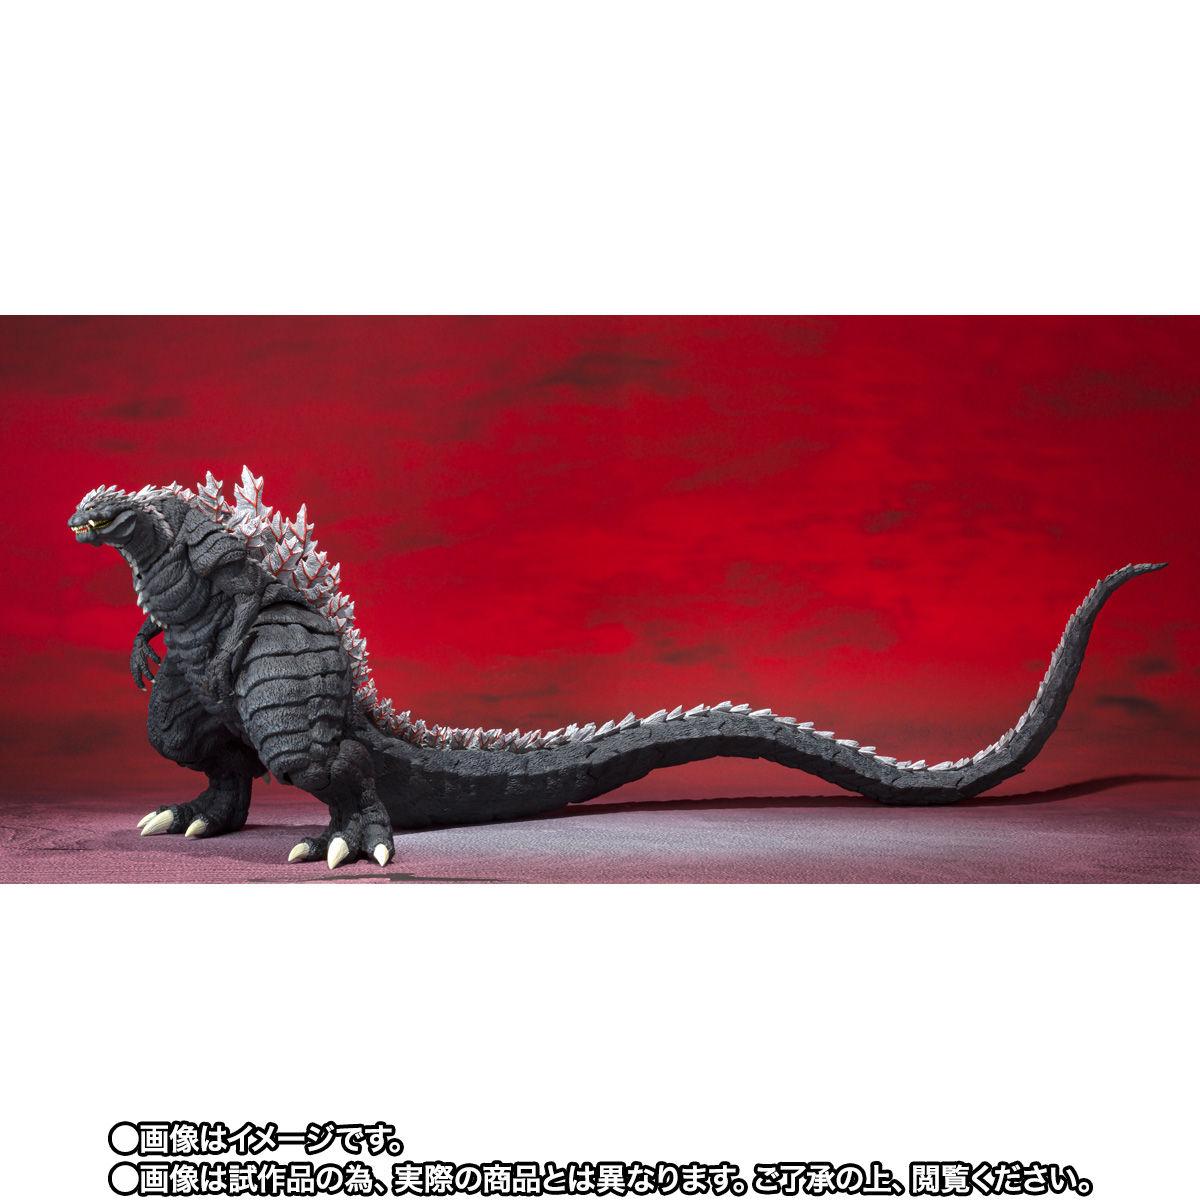 【限定販売】S.H.MonsterArts『ゴジラウルティマ』ゴジラS.P 可動フィギュア-003